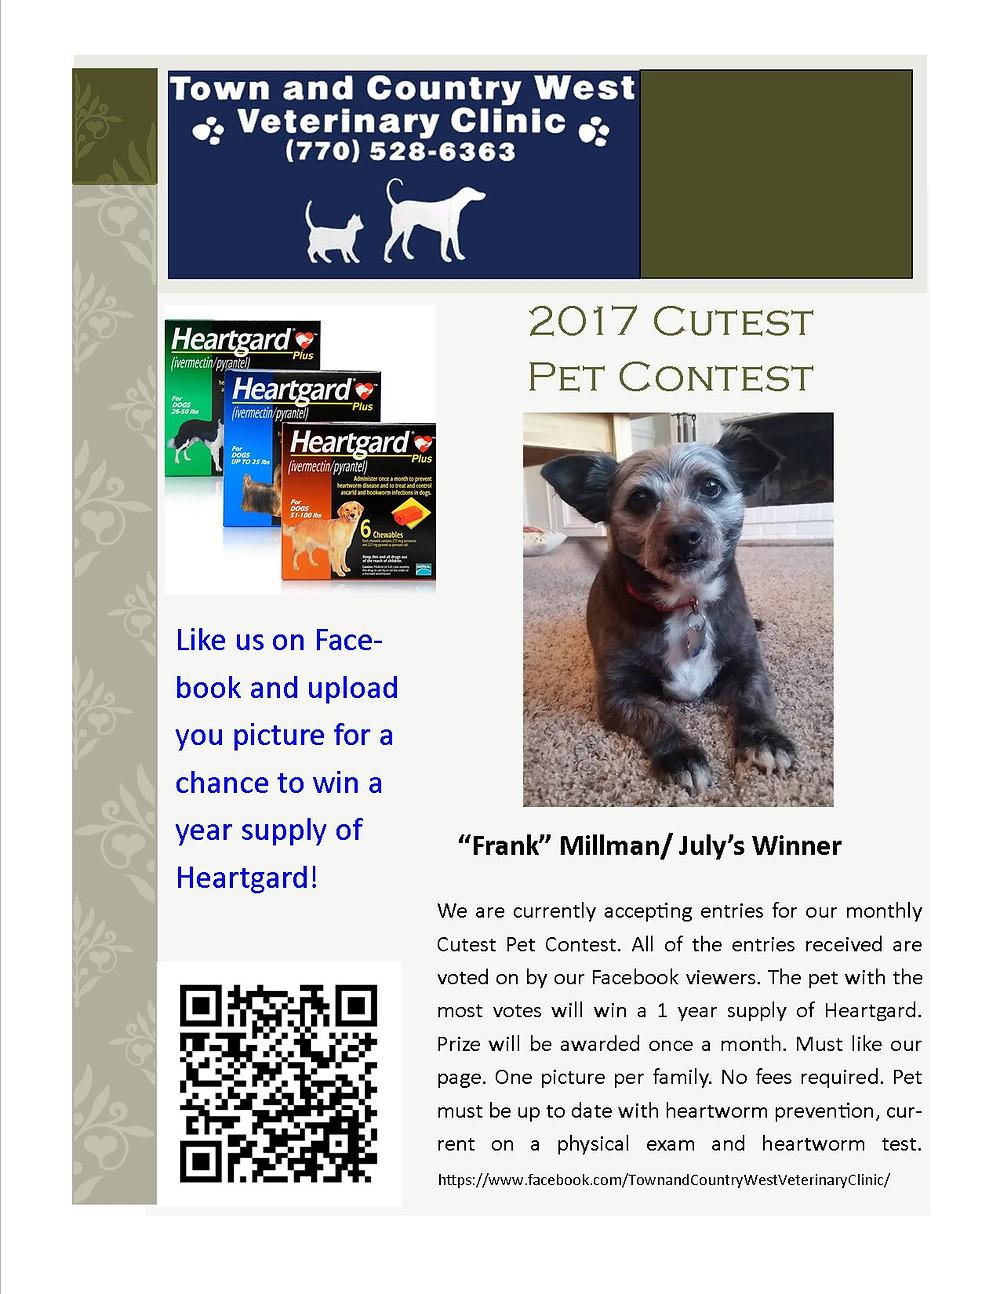 Facebook Picture Contest